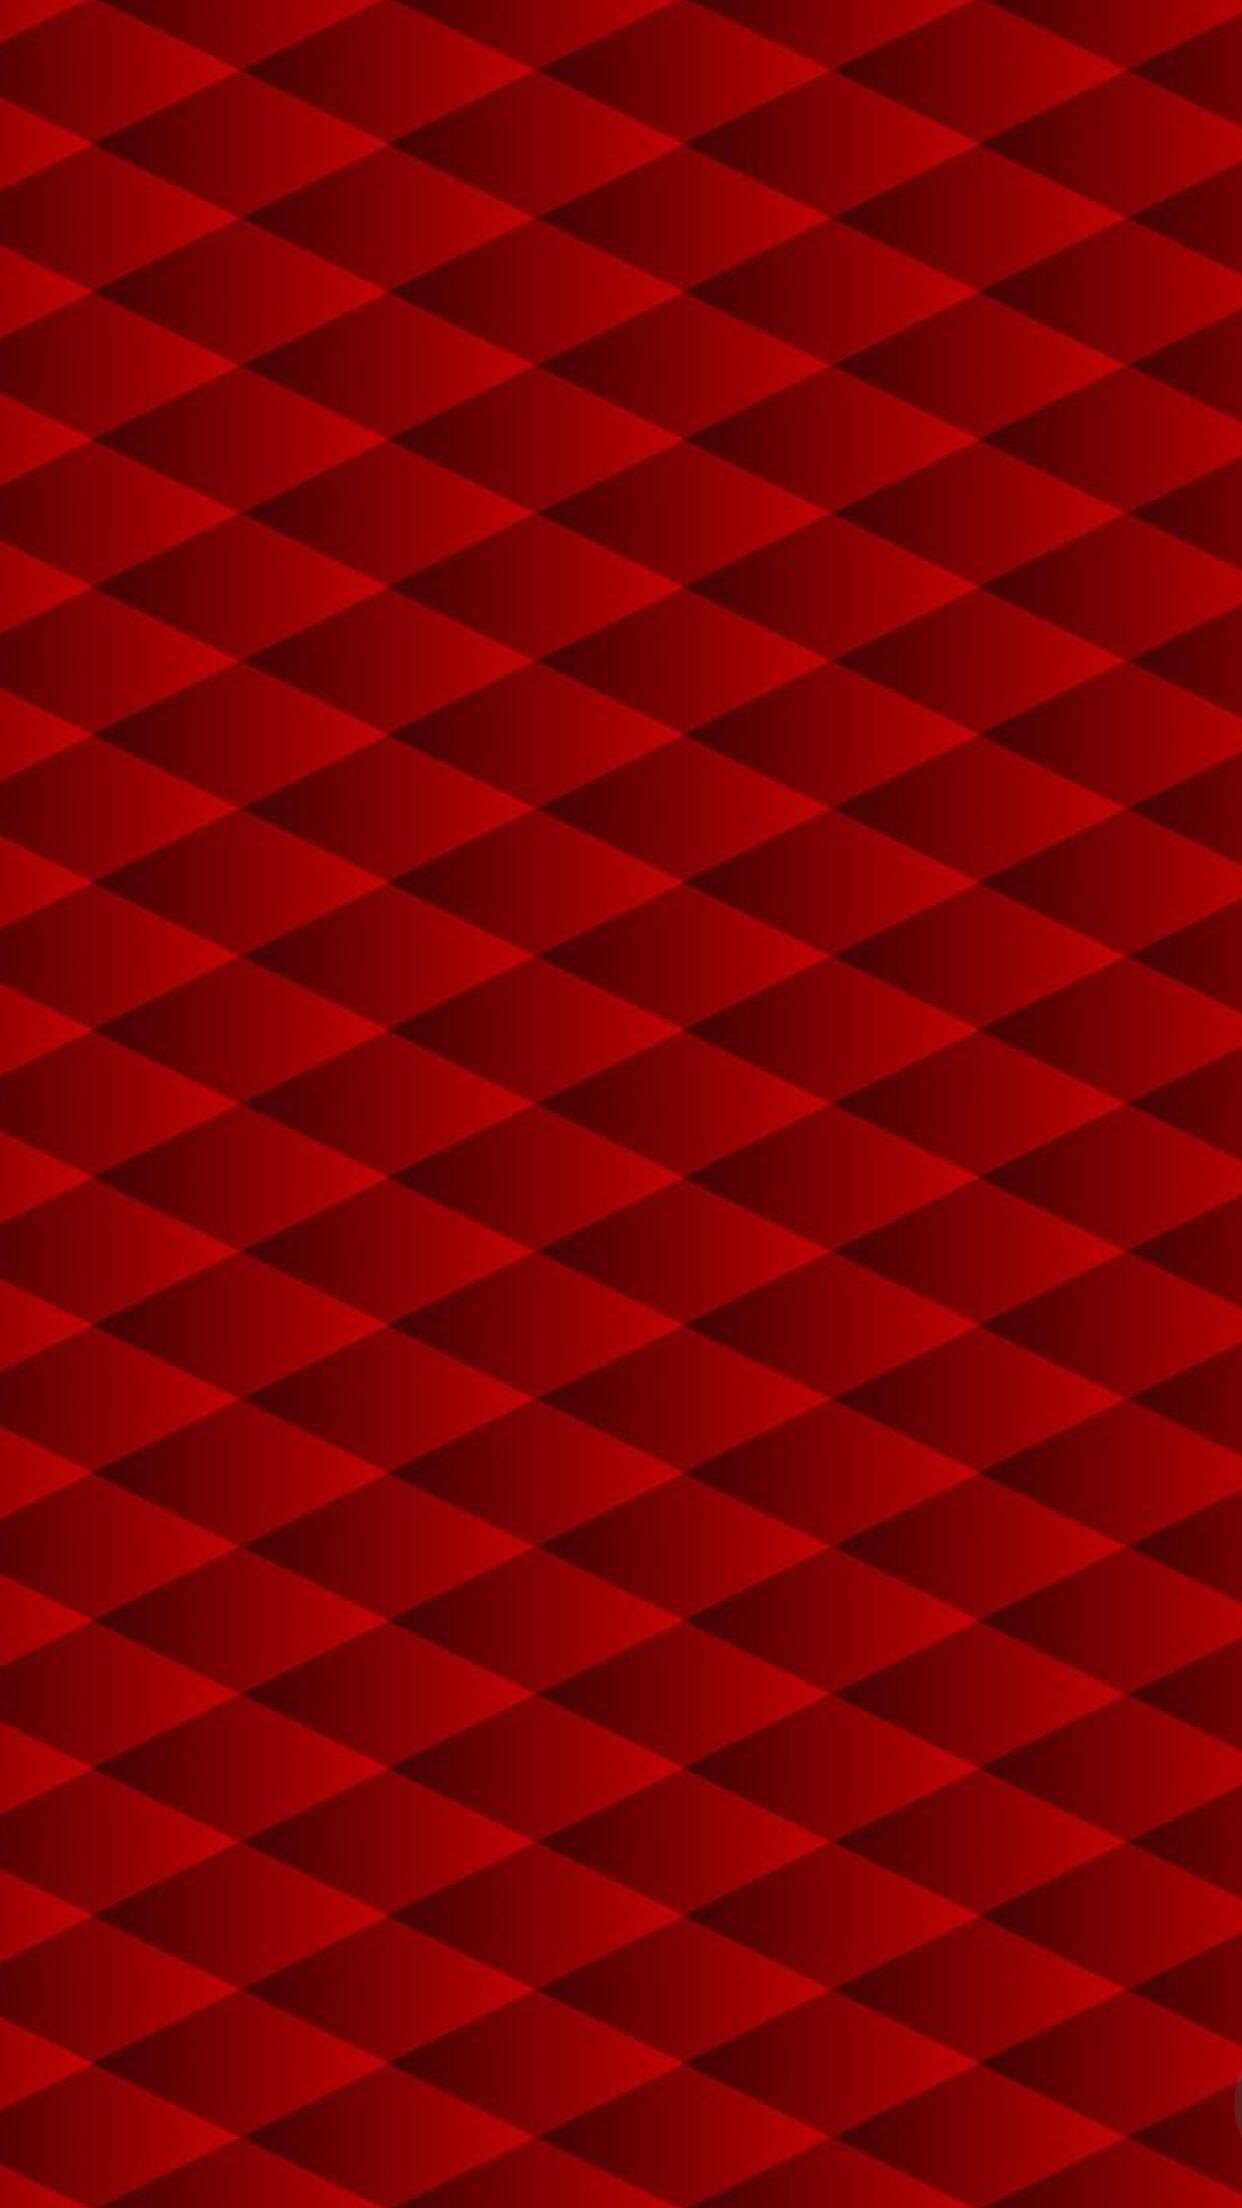 Red Mit Bildern Textur Texturen Tapeten